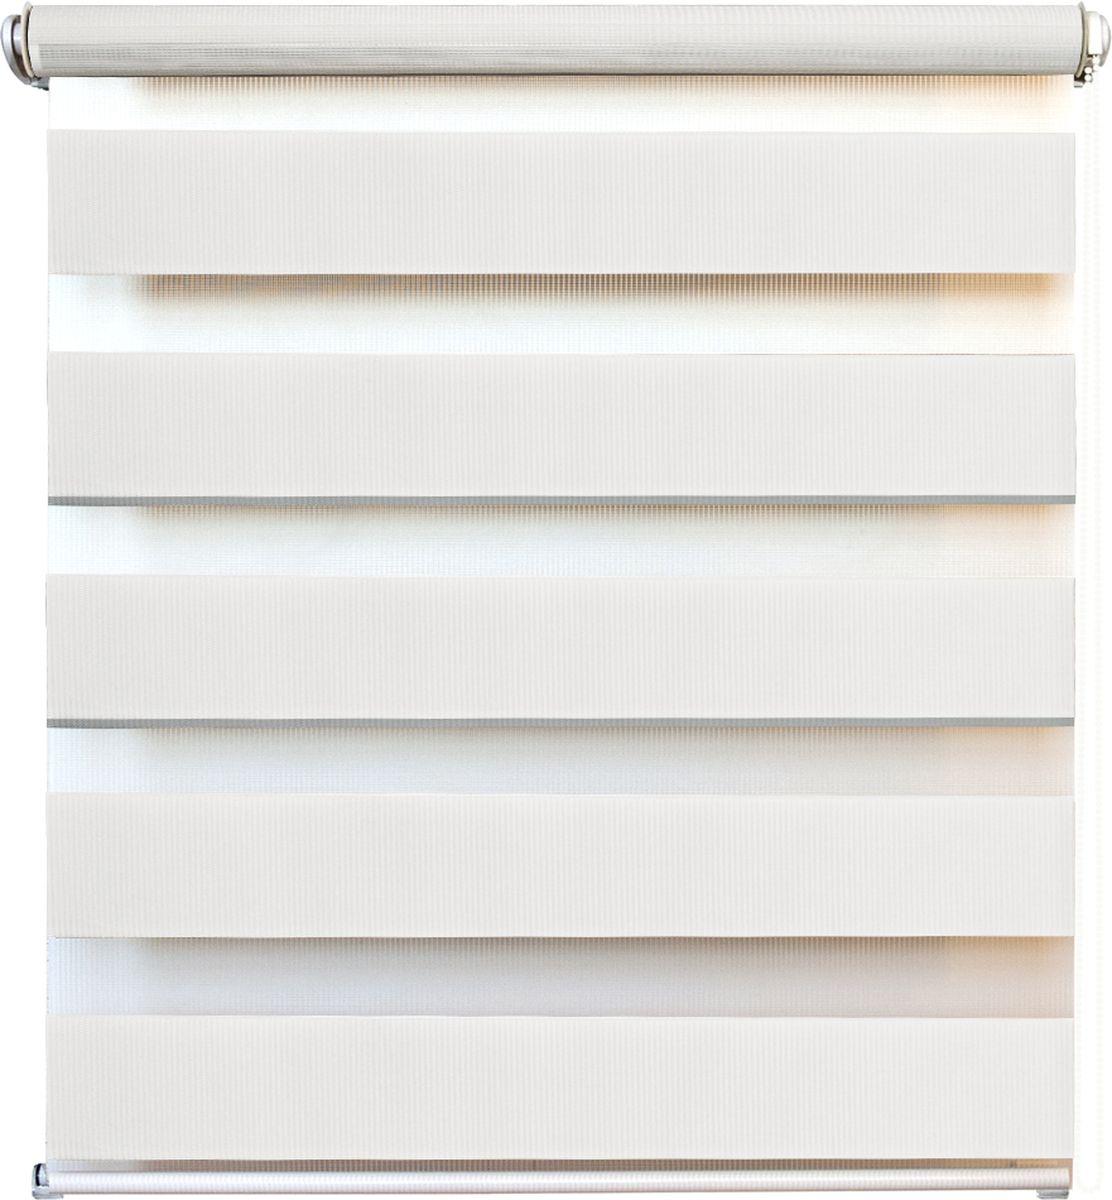 Штора рулонная день/ночь Уют Канзас, цвет: белый, 100 х 160 см62.РШТО.8920.100х160Штора рулонная день/ночь Уют Канзас выполнена из прочного полиэстера, в котором чередуются полосы различной плотности и фактуры. Управление двойным слоем ткани с помощью цепочки позволяет регулировать степень светопроницаемости шторы. Если совпали плотные полосы, то прозрачные будут открыты максимально. Это положение шторы называется День. Максимальное затемнение помещения достигается при полном совпадении полос разных фактур. Это положение шторы называется Ночь. Конструкция шторы также позволяет полностью свернуть полотно, обеспечив максимальное открытие окна. Рулонная штора - это разновидность штор, которая закрывает не весь оконный проем, а непосредственно само стекло. Такая штора очень компактна, что помогает сэкономить пространство. Универсальная конструкция позволяет монтировать штору на стену, потолок, деревянные или пластиковые рамы окон. В комплект входят кронштейны и нижний утяжелитель. Возможна установка с управлением цепочкой как справа, так и...